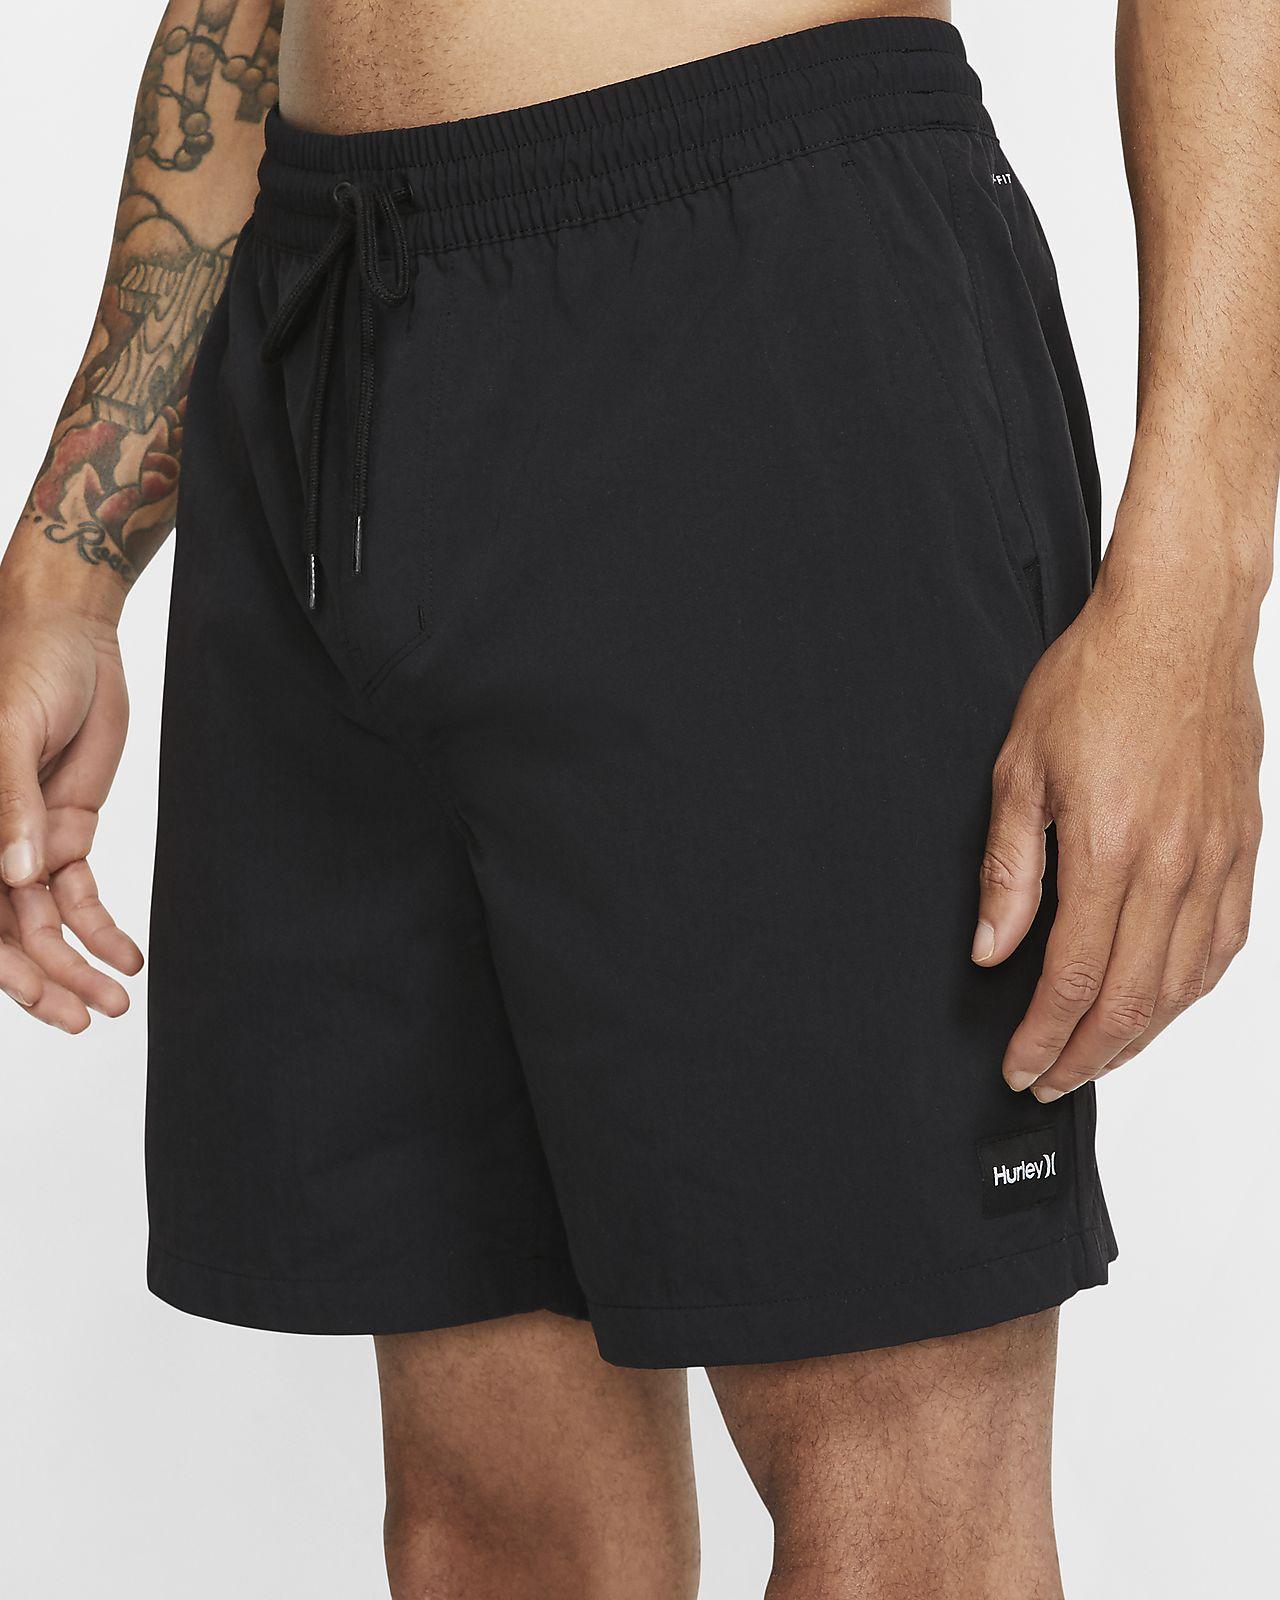 Hurley Dri-FIT Convoy Volley Pantalons curts de 43 cm - Home